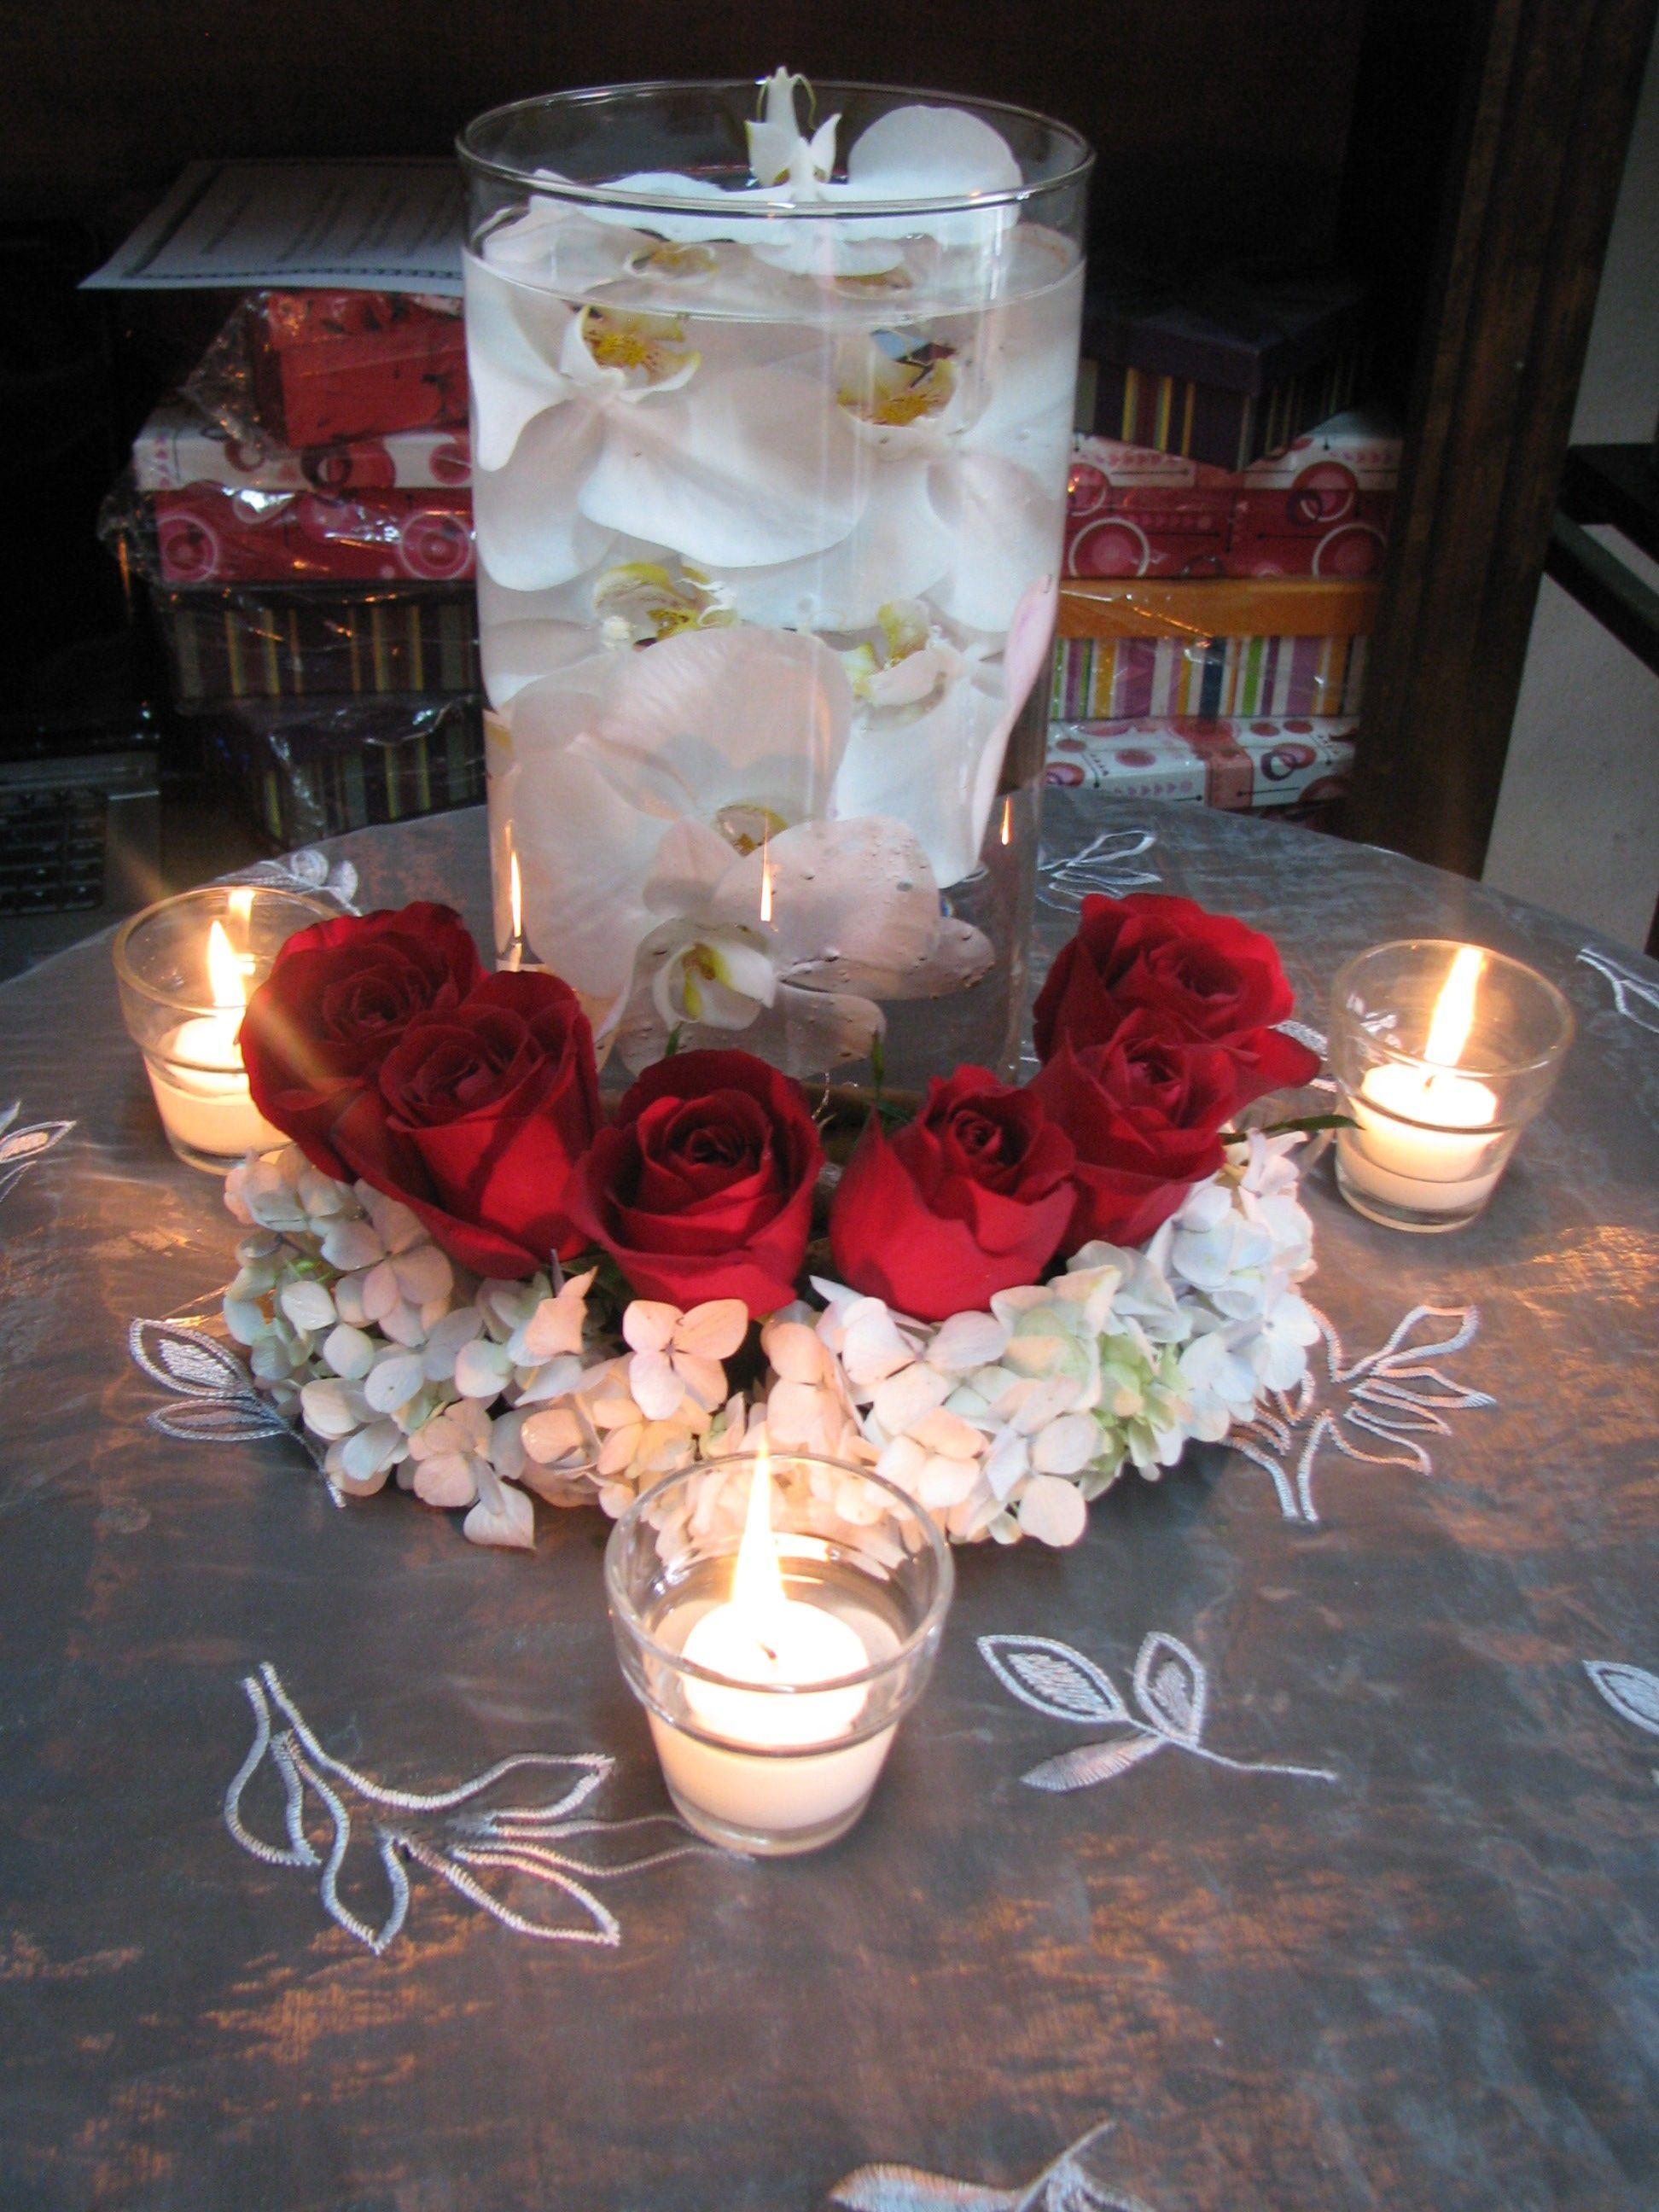 Centro de mesa con orquideas y velas bodas pinterest wedding - Centro mesa velas ...